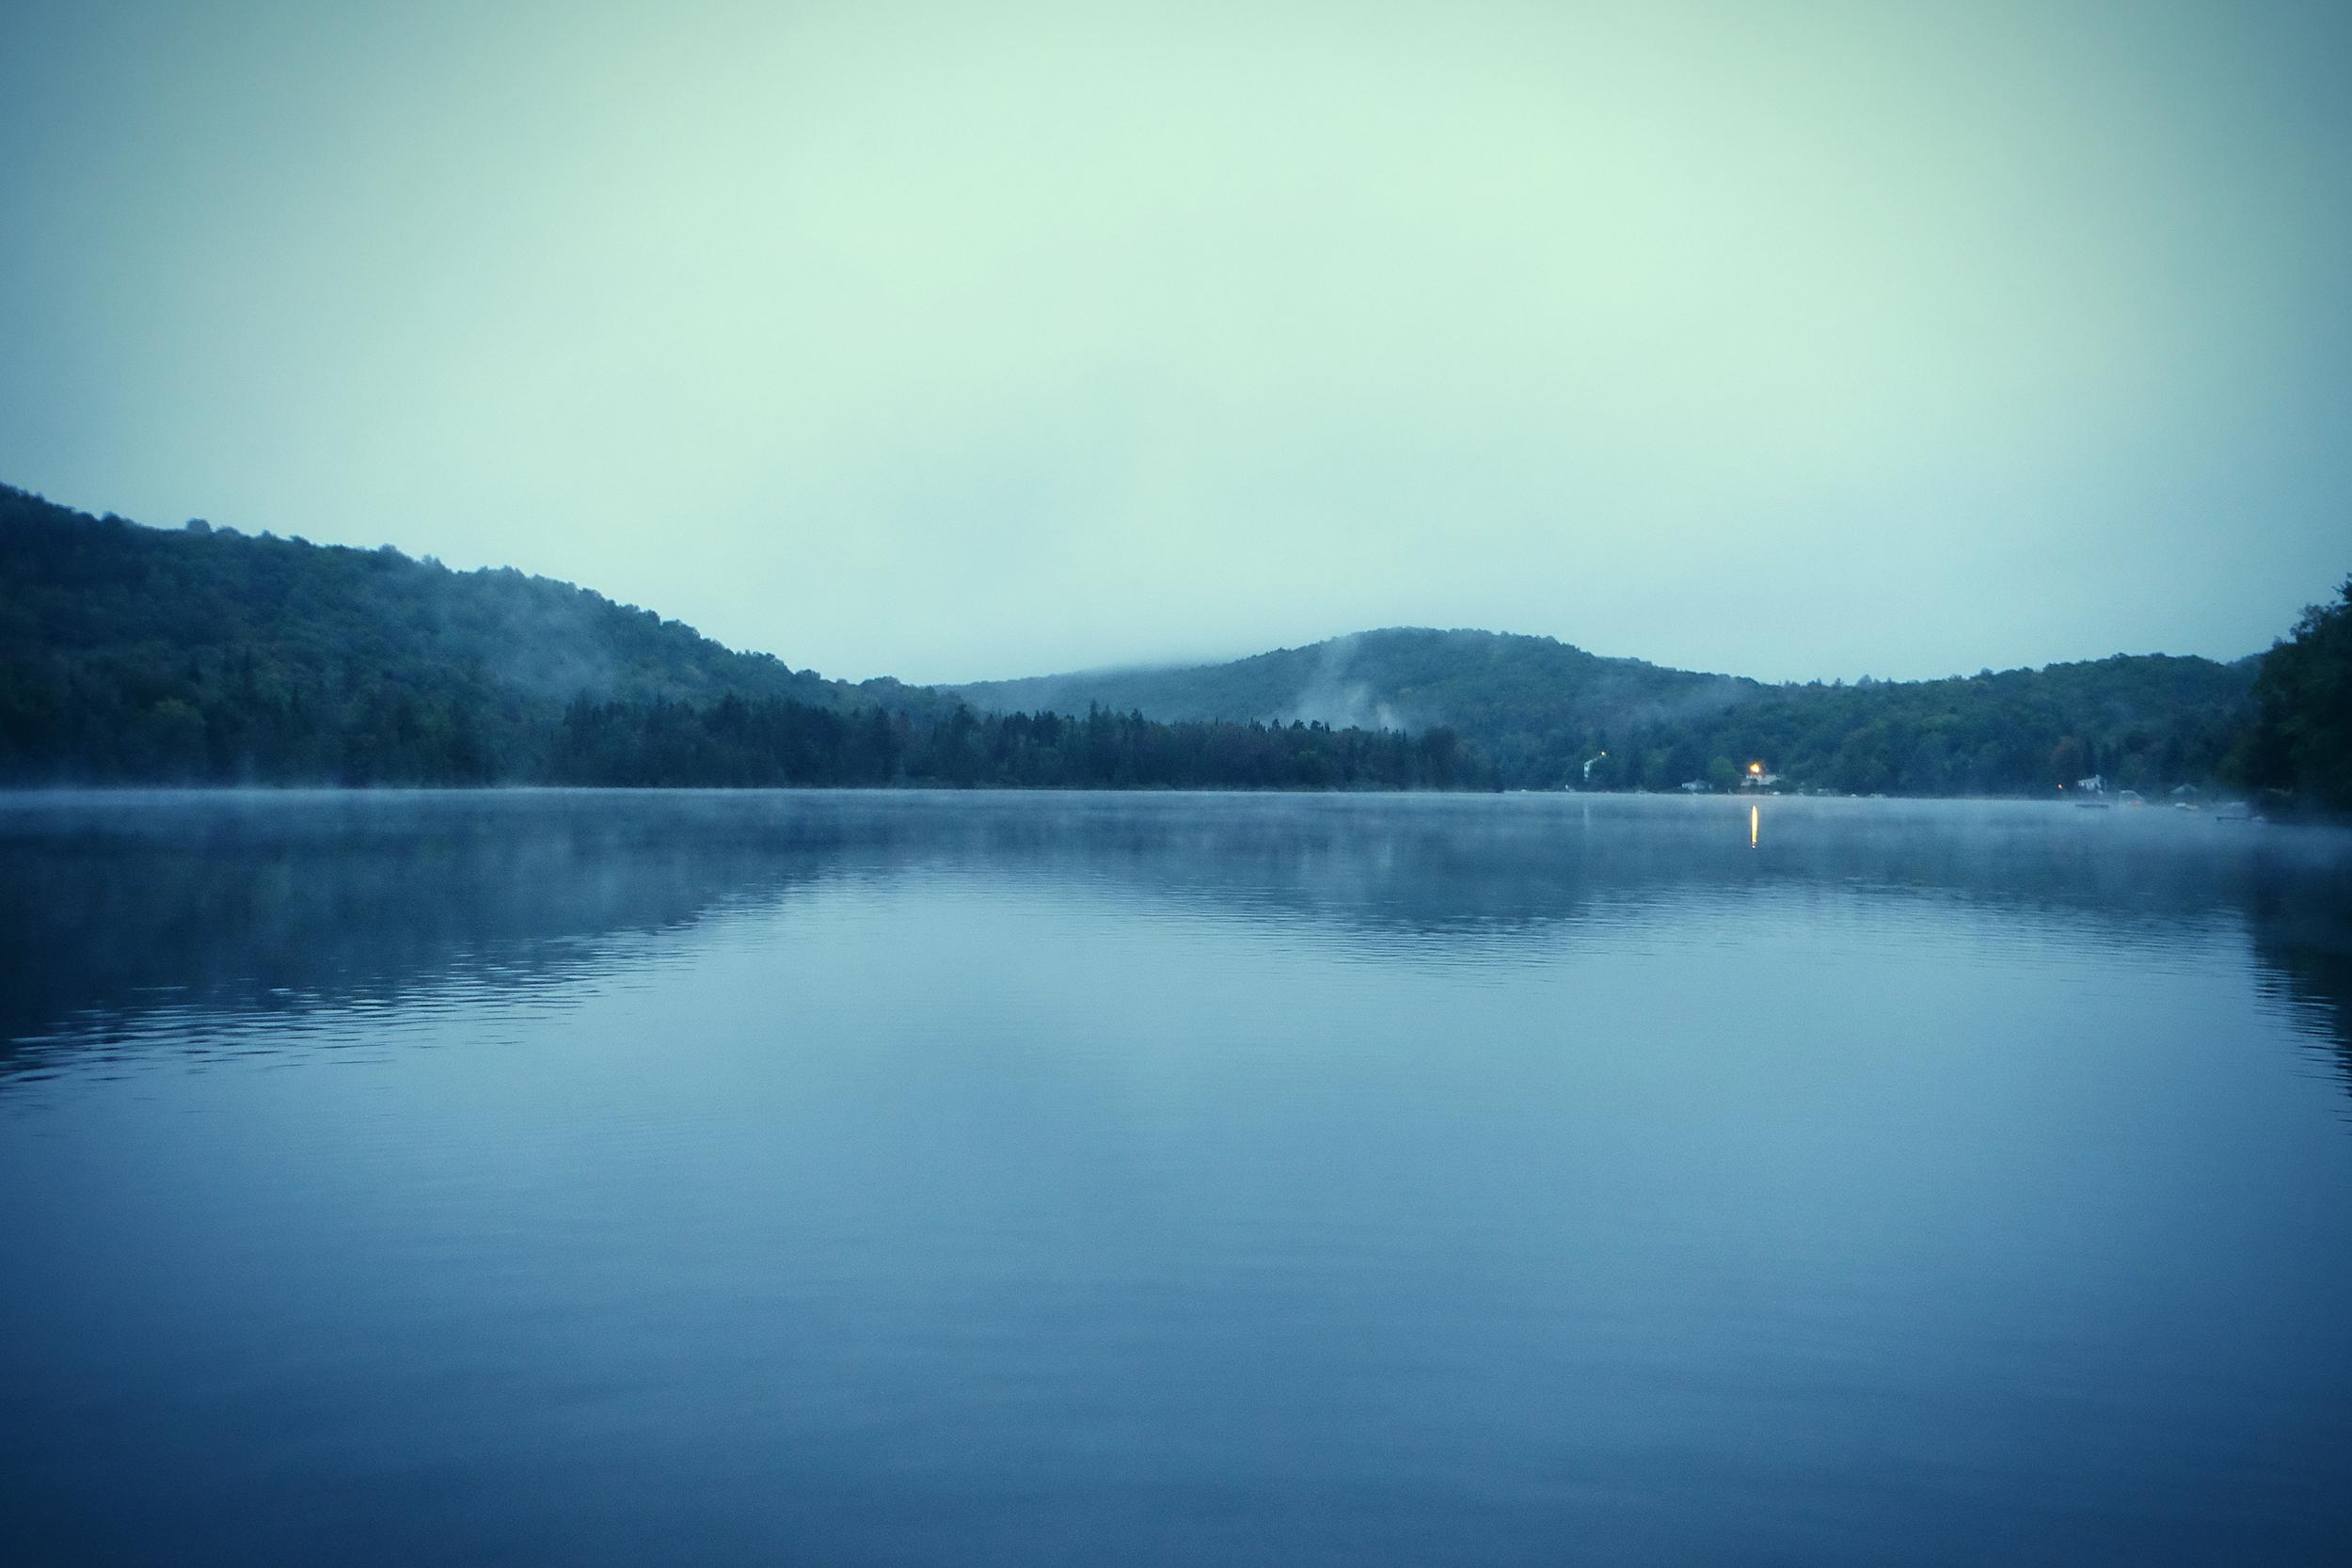 2014-09-4-Life-of-Pix-free-stock-photos-lake-fog-night-nature-Julien-Sister.jpg